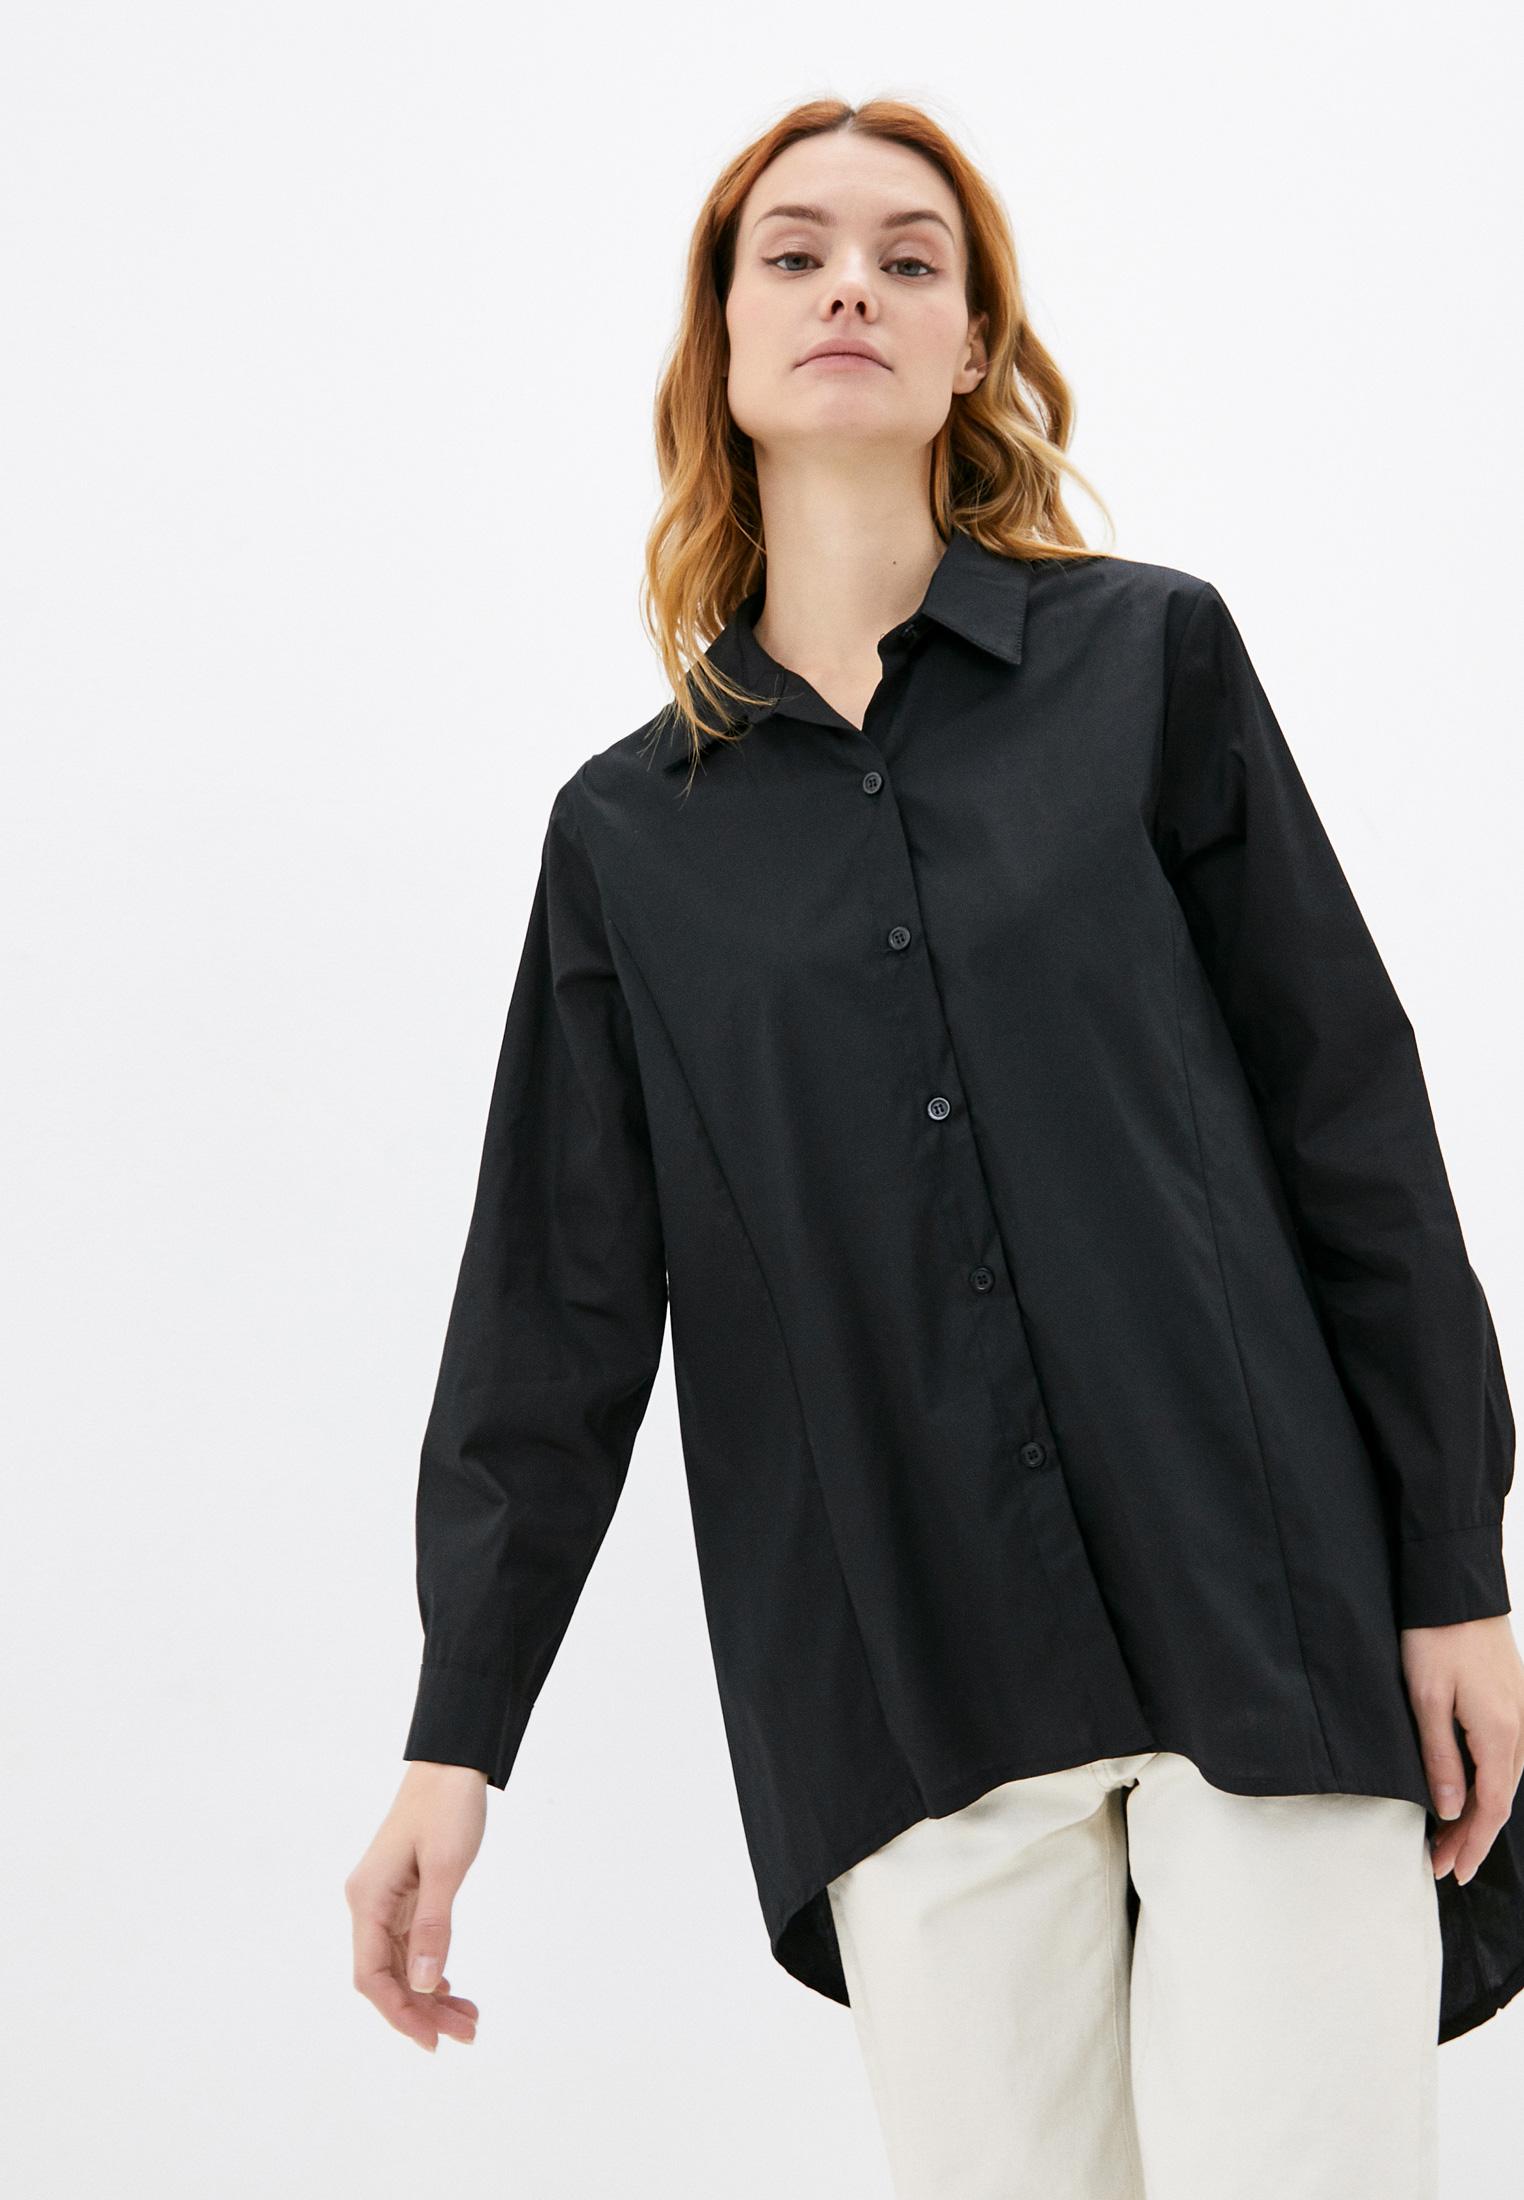 Женские рубашки с длинным рукавом Zabaione Рубашка Zabaione